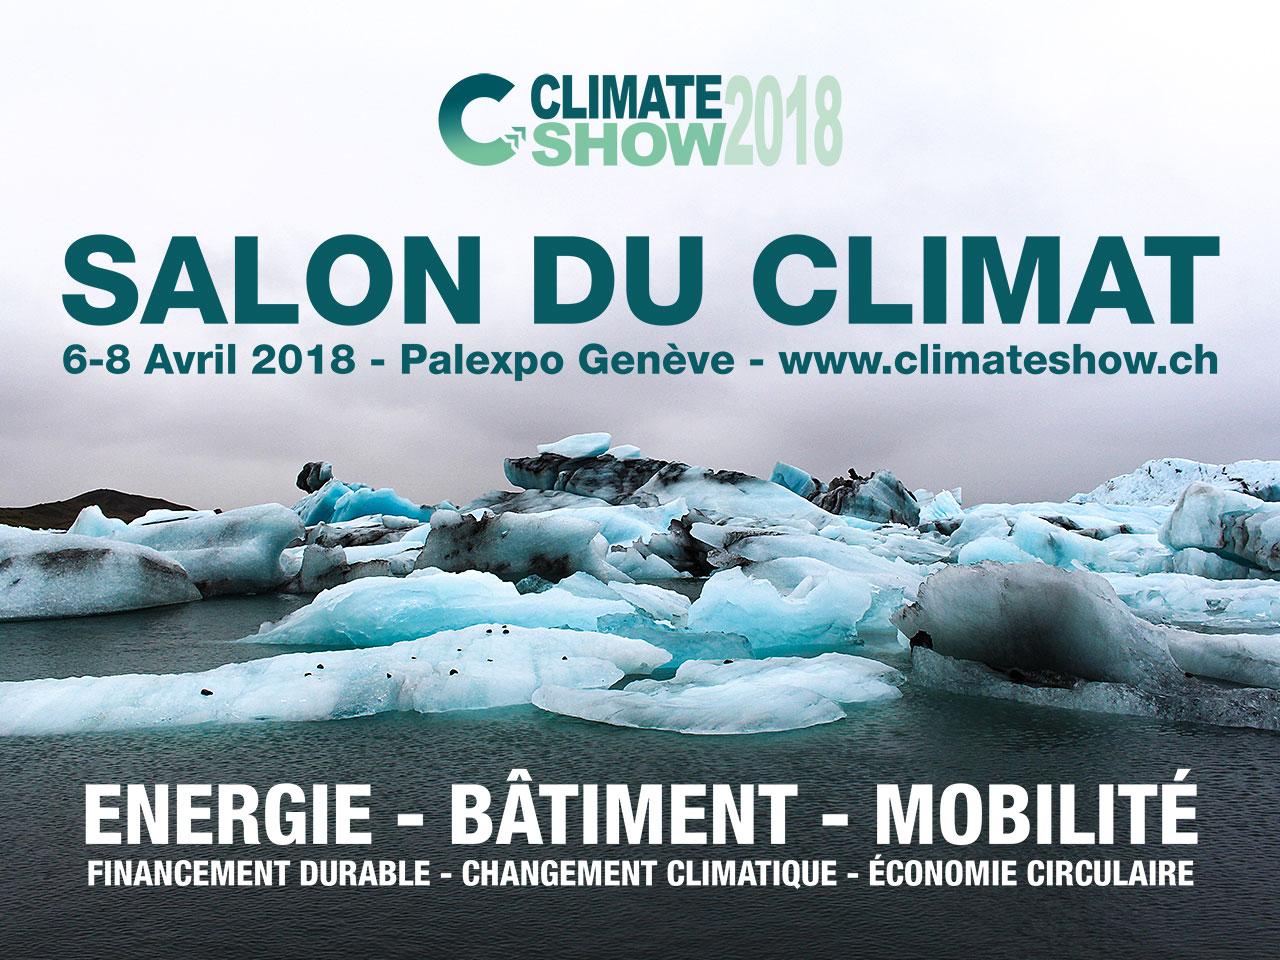 Salon du climat 2018 (Climate Show)